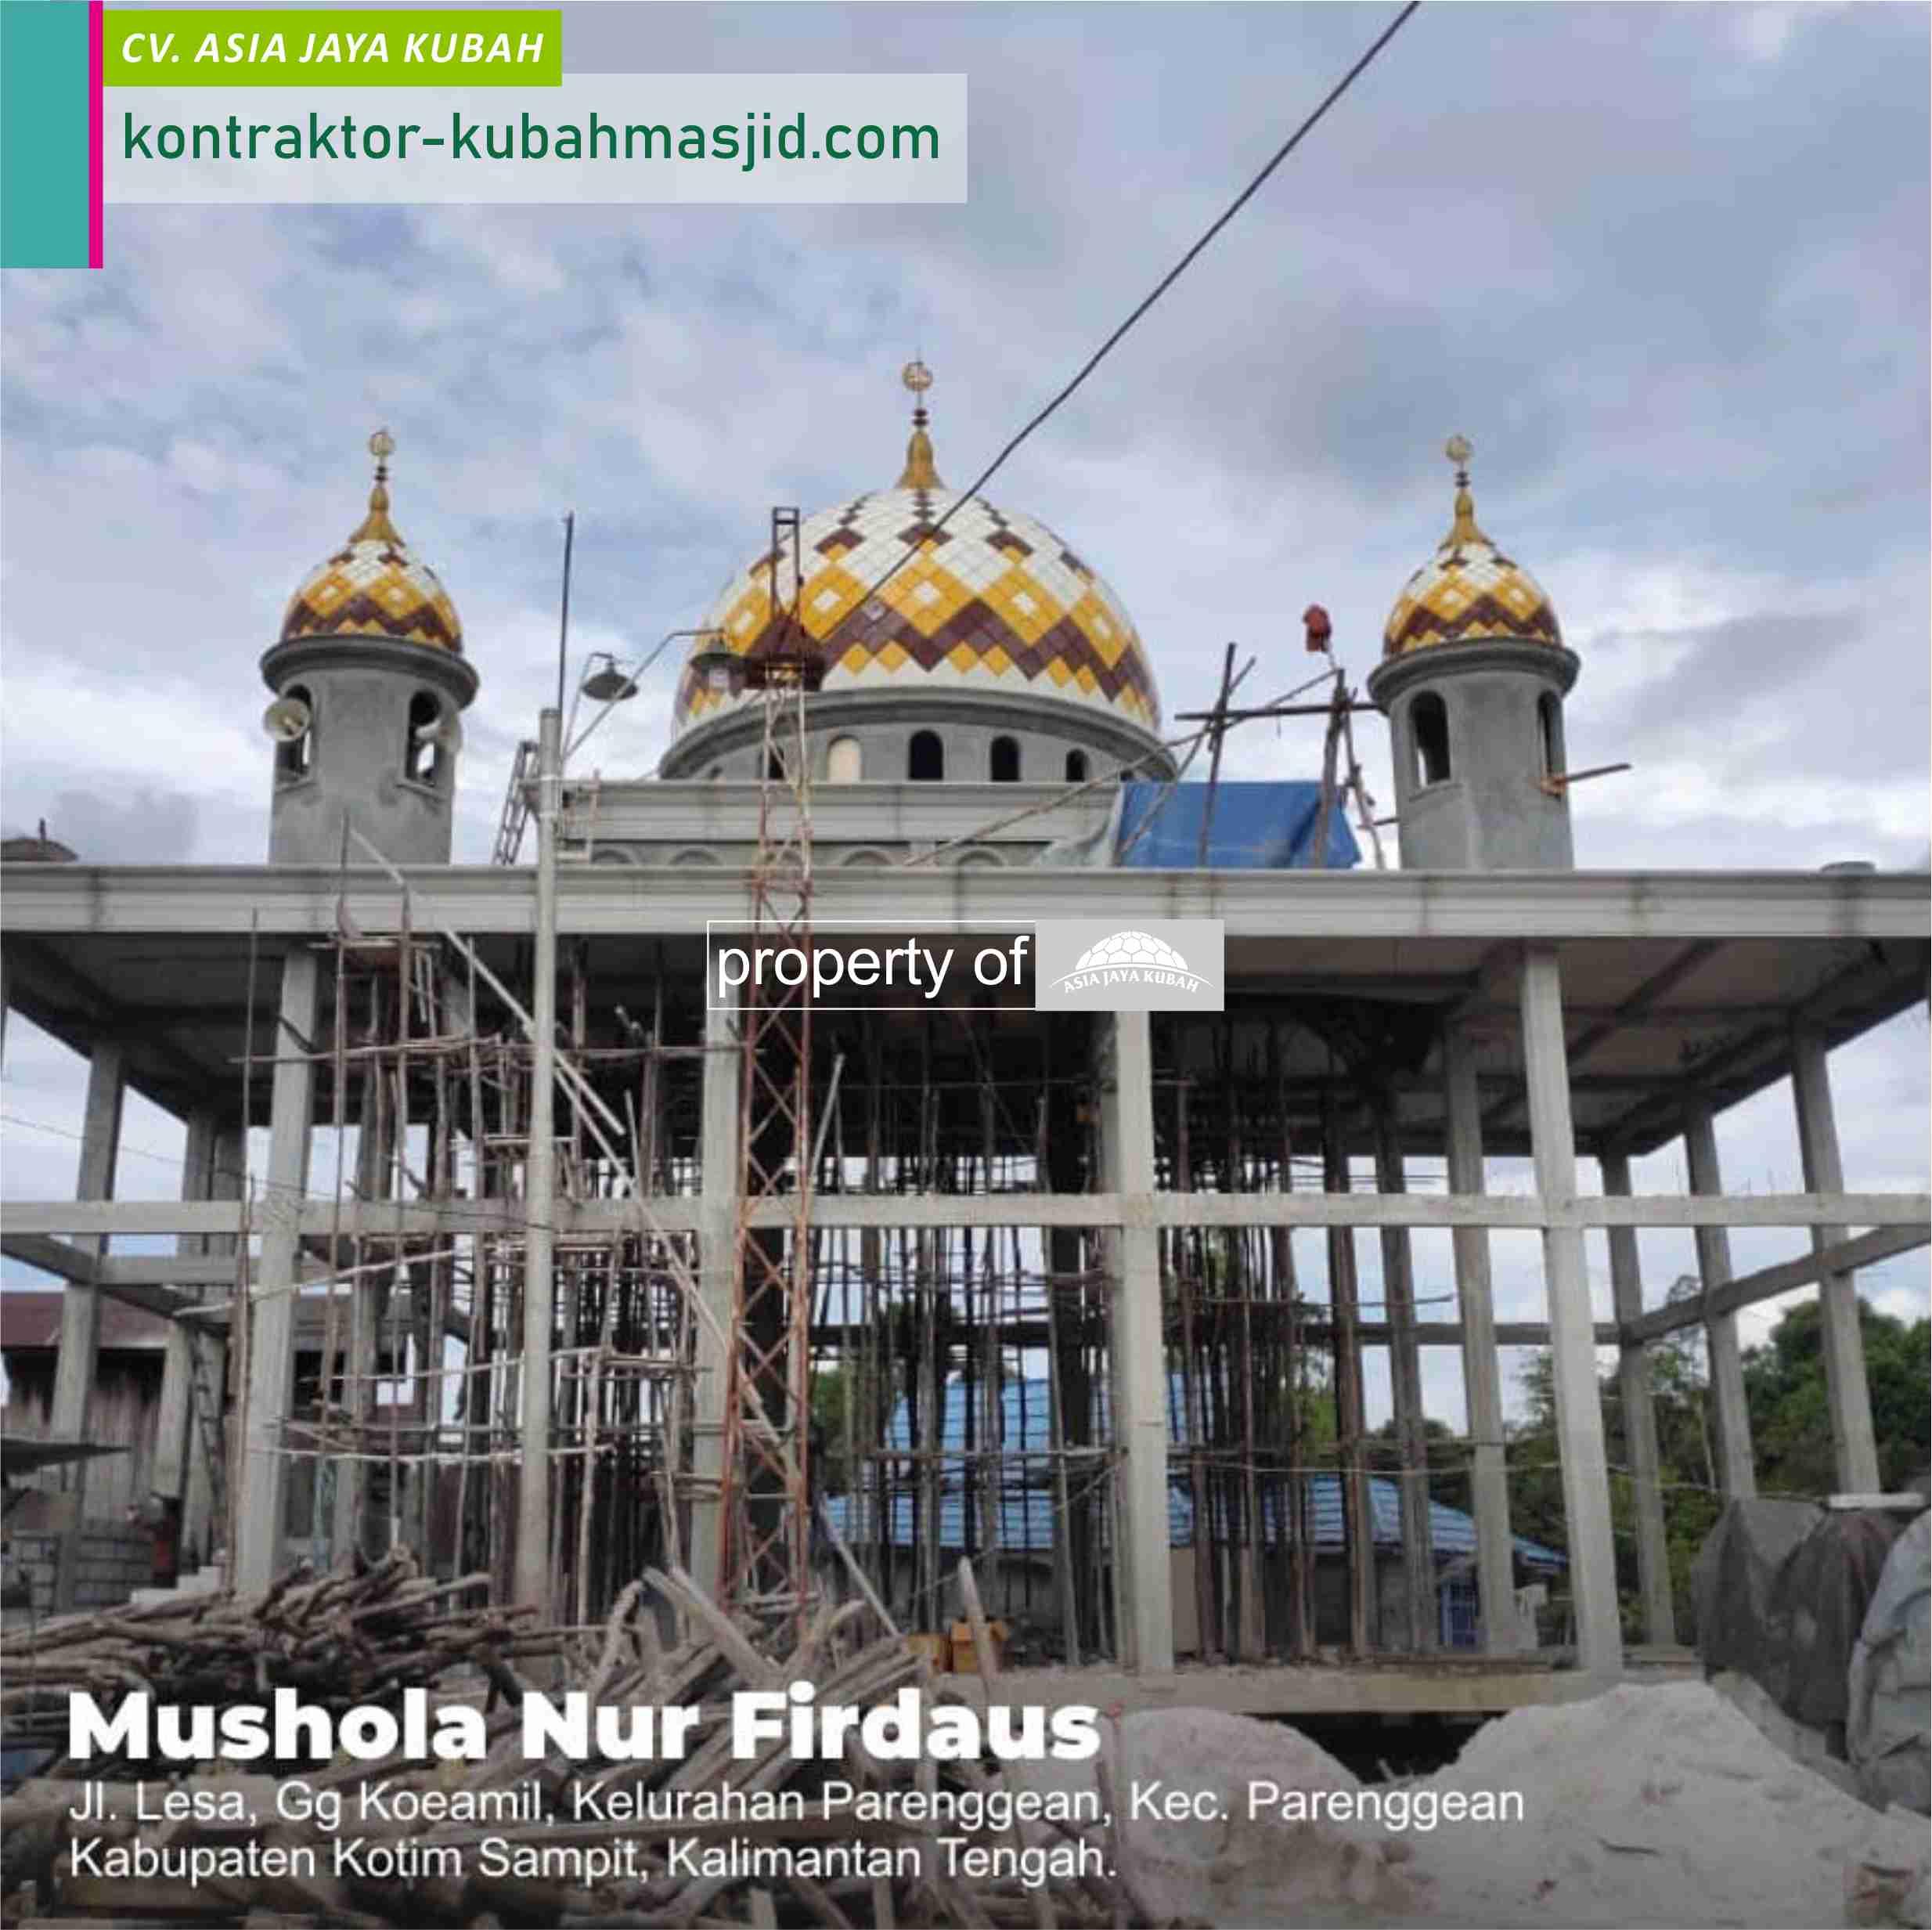 Jual Kubah Masjid Stainless Steel di Trenggalek